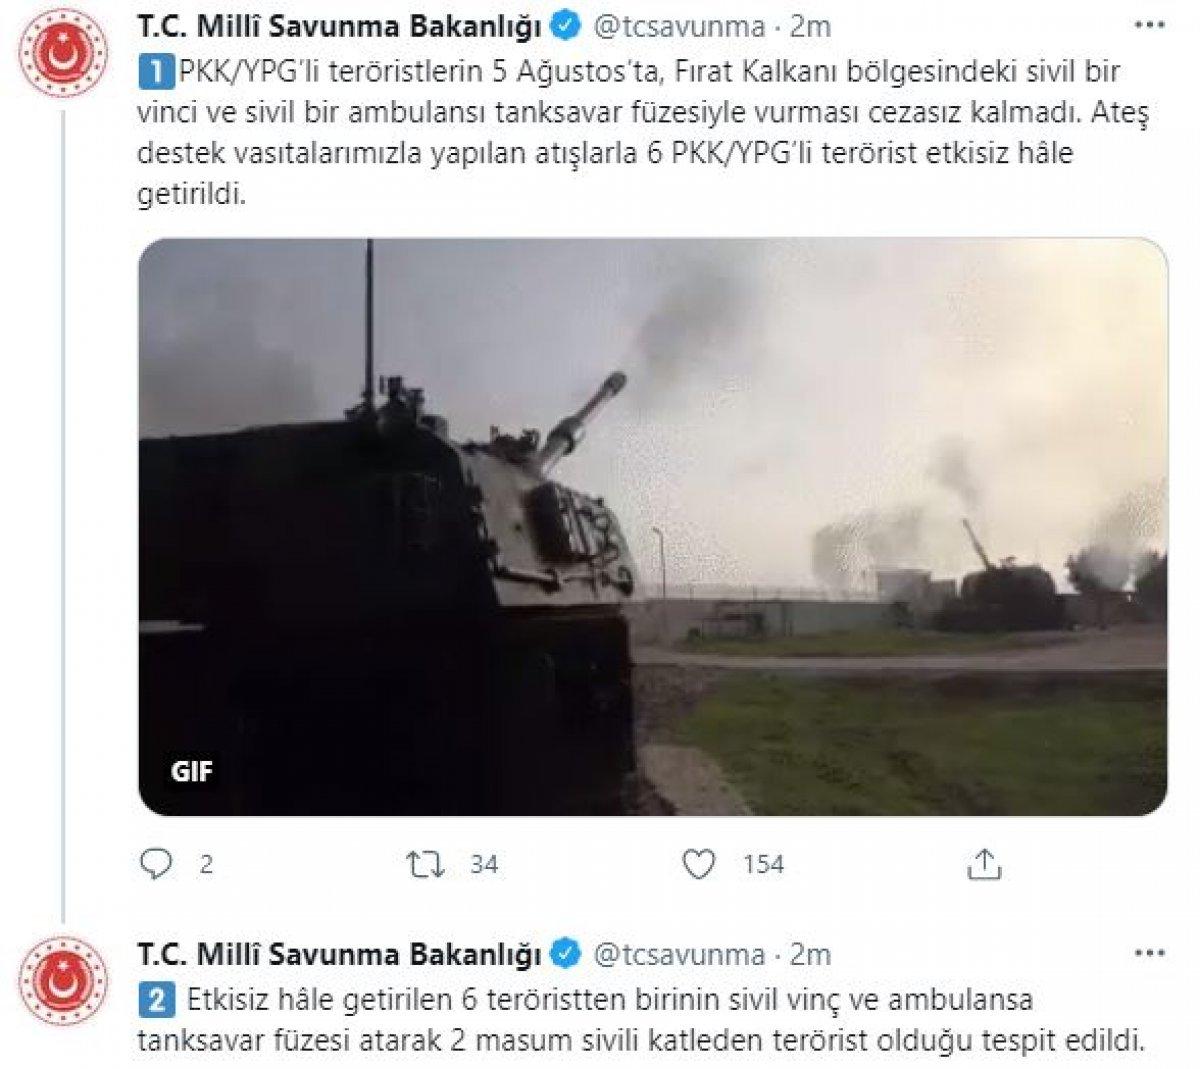 6 PKK/YPG'li terörist etkisiz hale getirildi #3